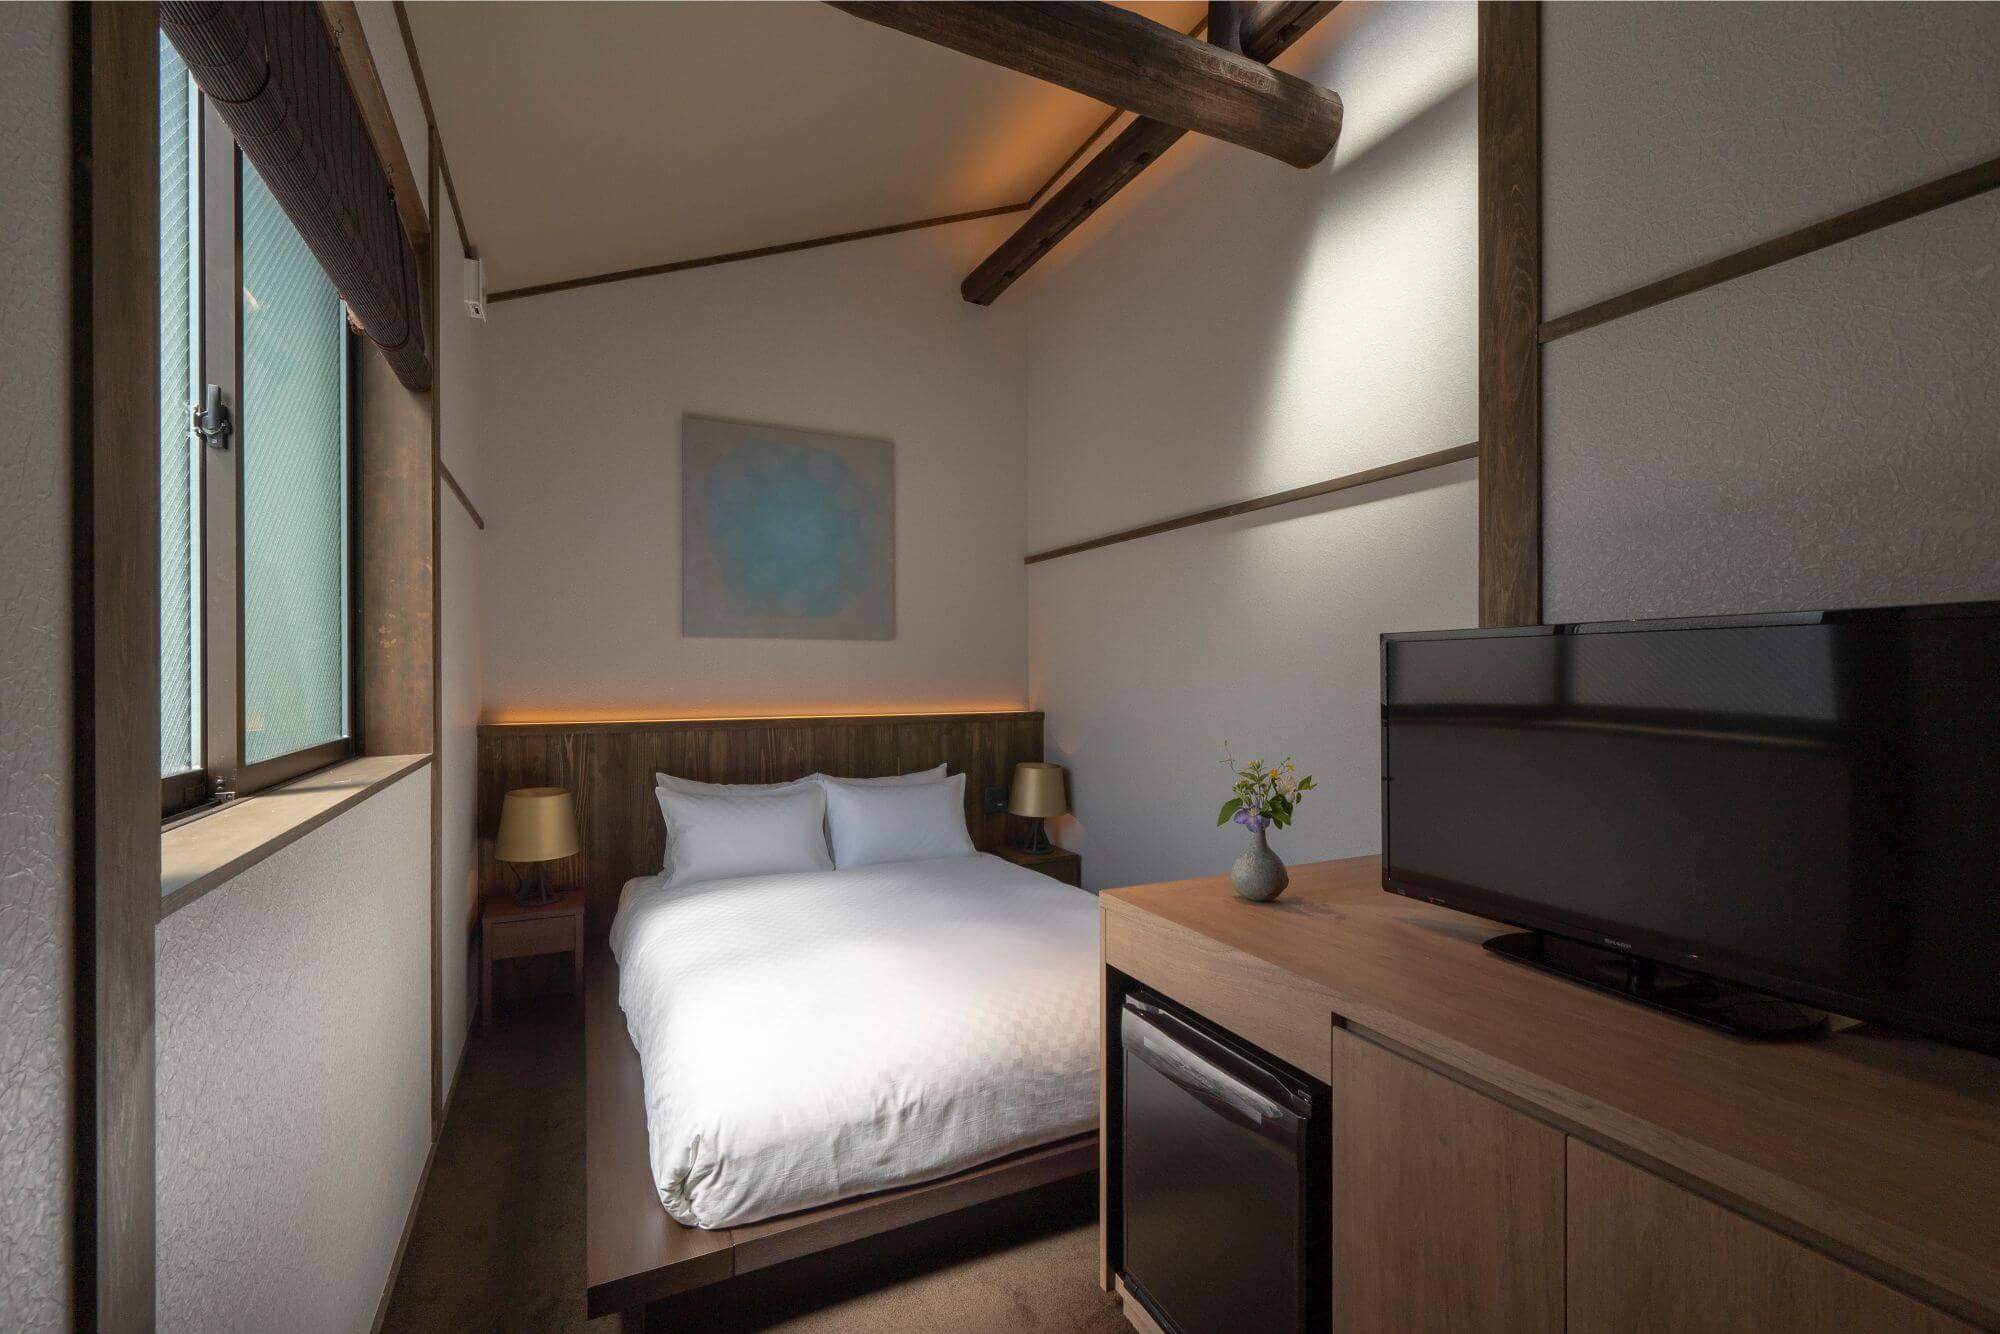 202)KAZE Double Room